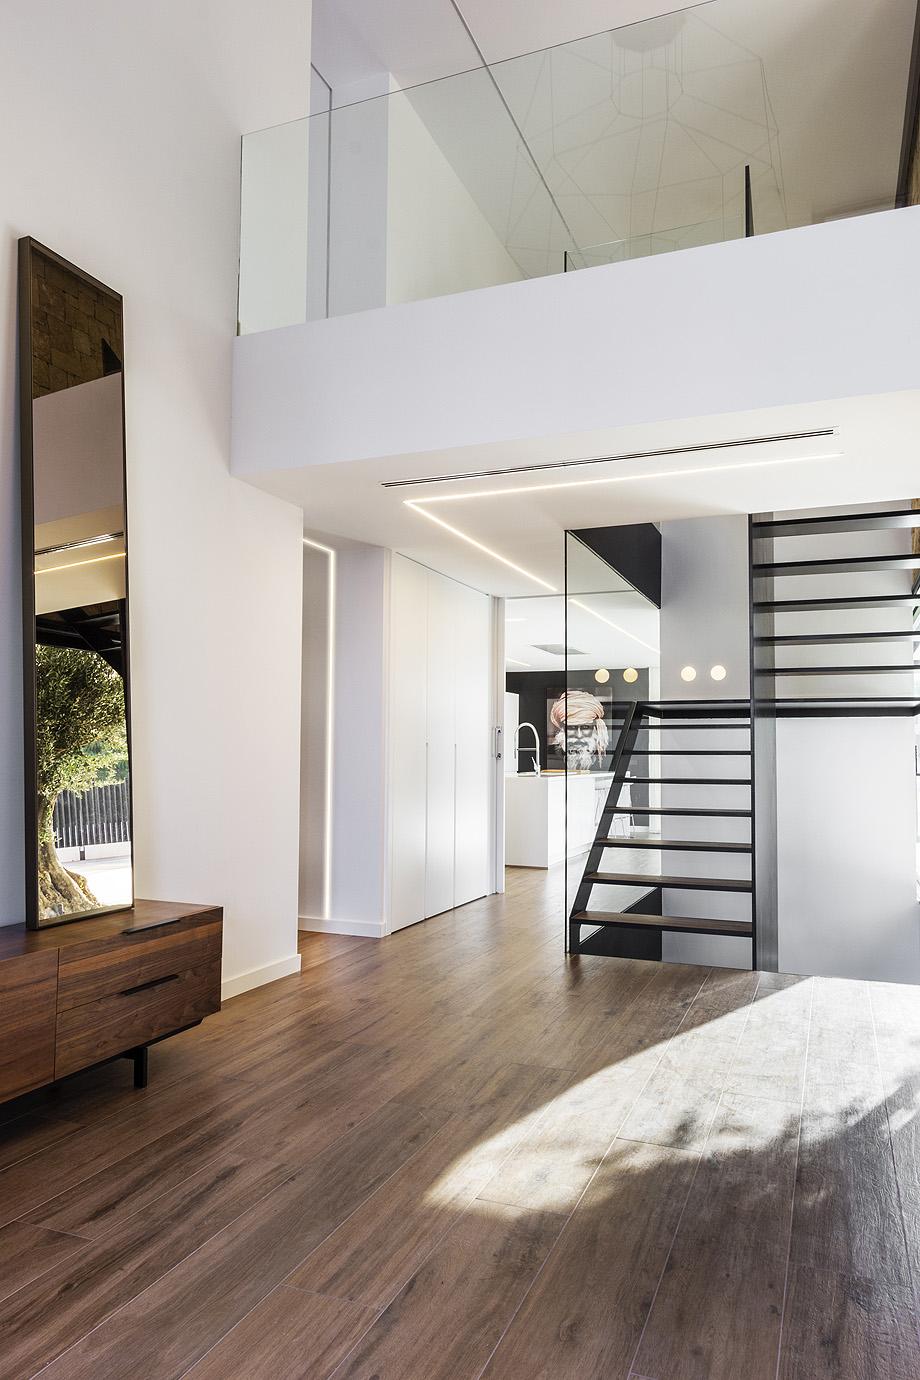 casa cumbres de chiralt arquitectos (5)